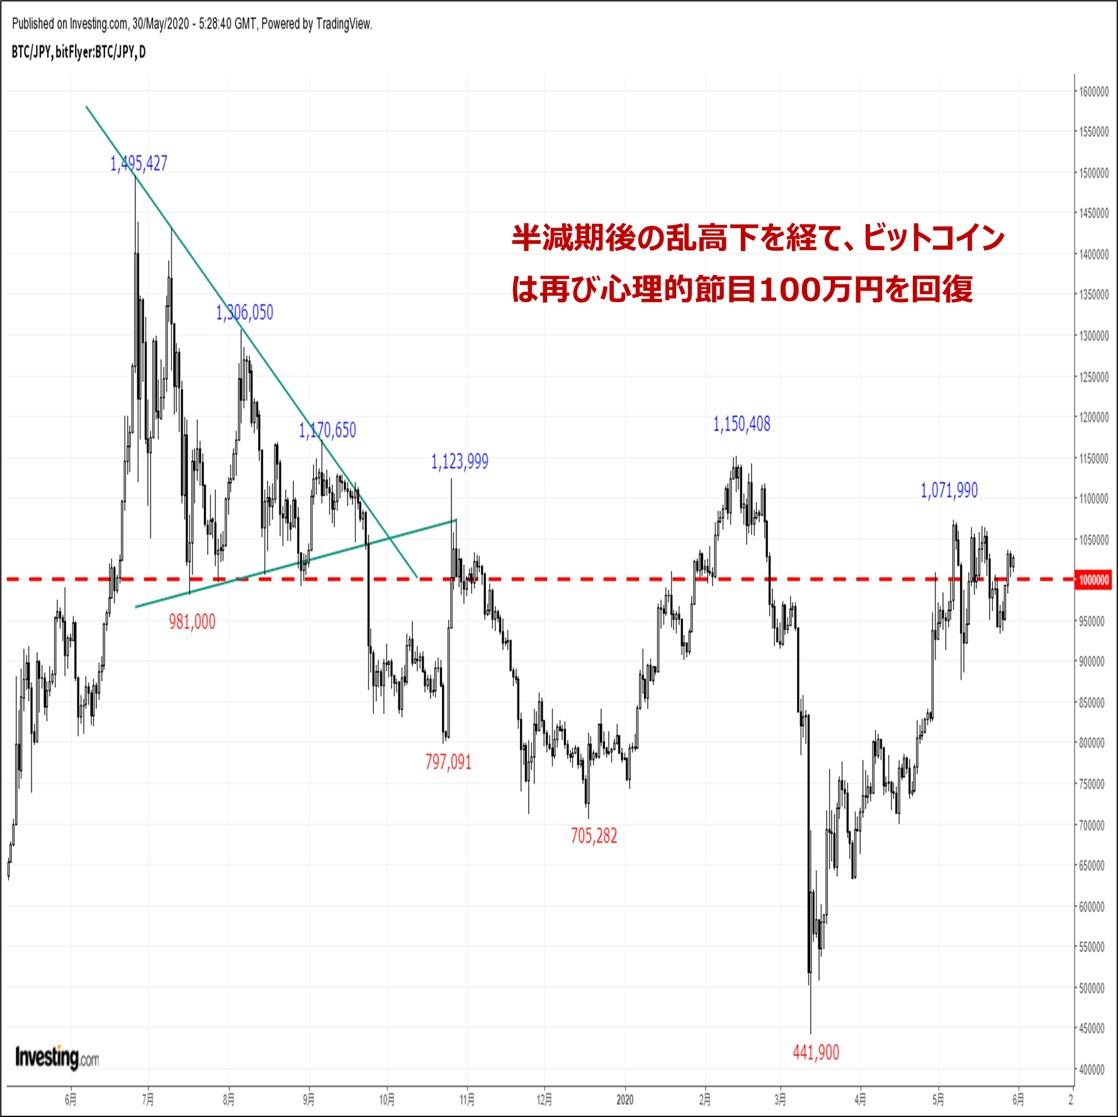 ビットコインの価格分析『BTC円は再び節目100万円を回復 米中対立激化がサポート要因』(5/31)